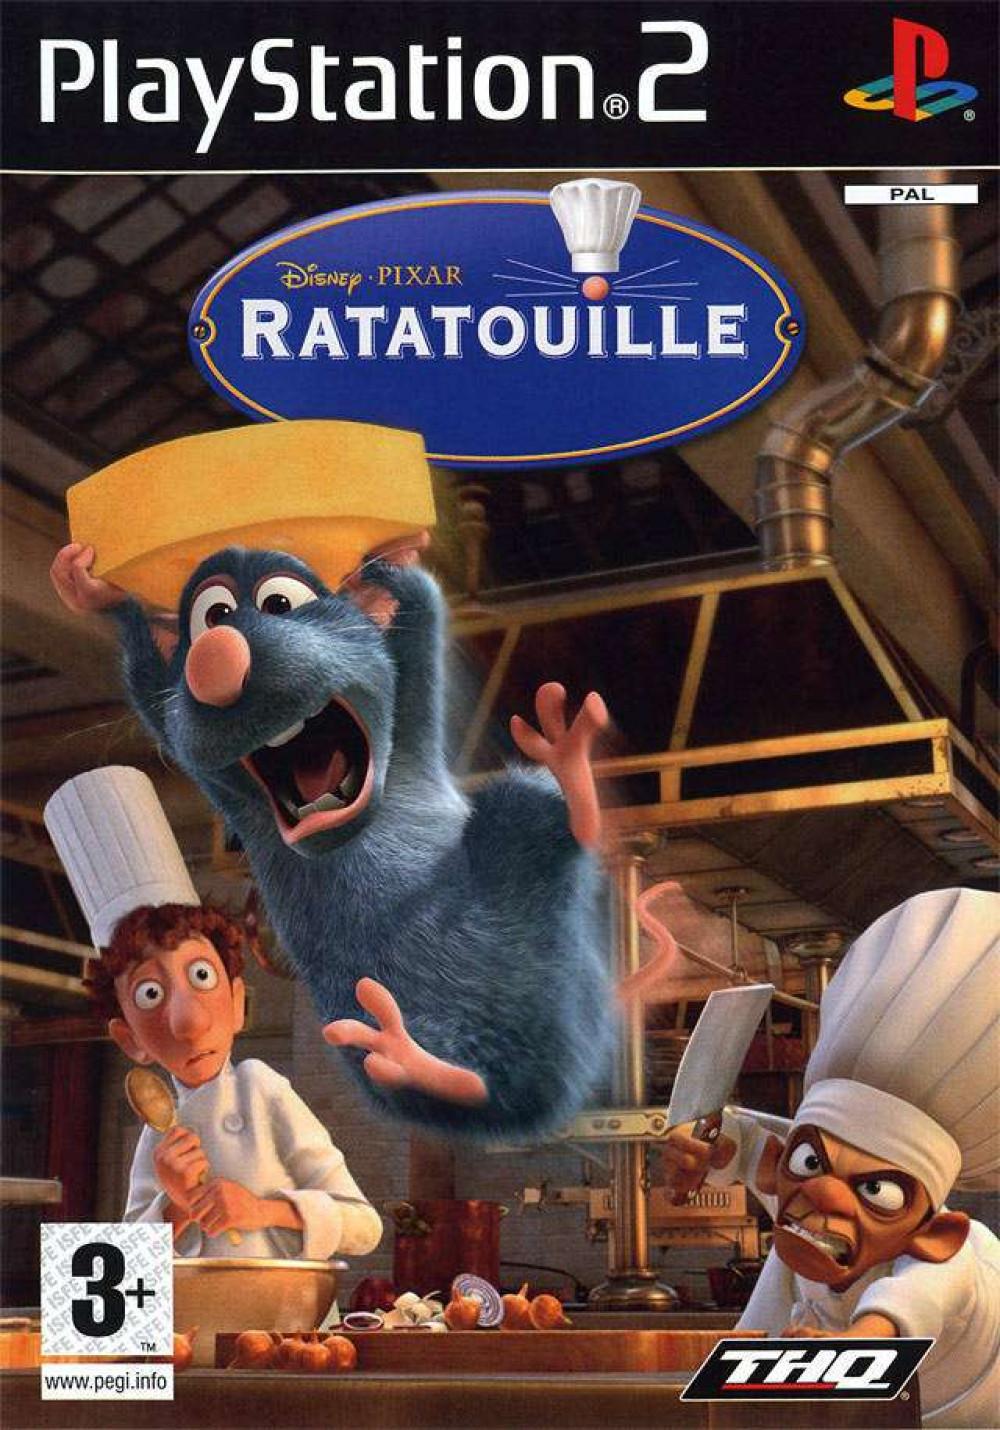 Disney Pixar Ratatouille PS2